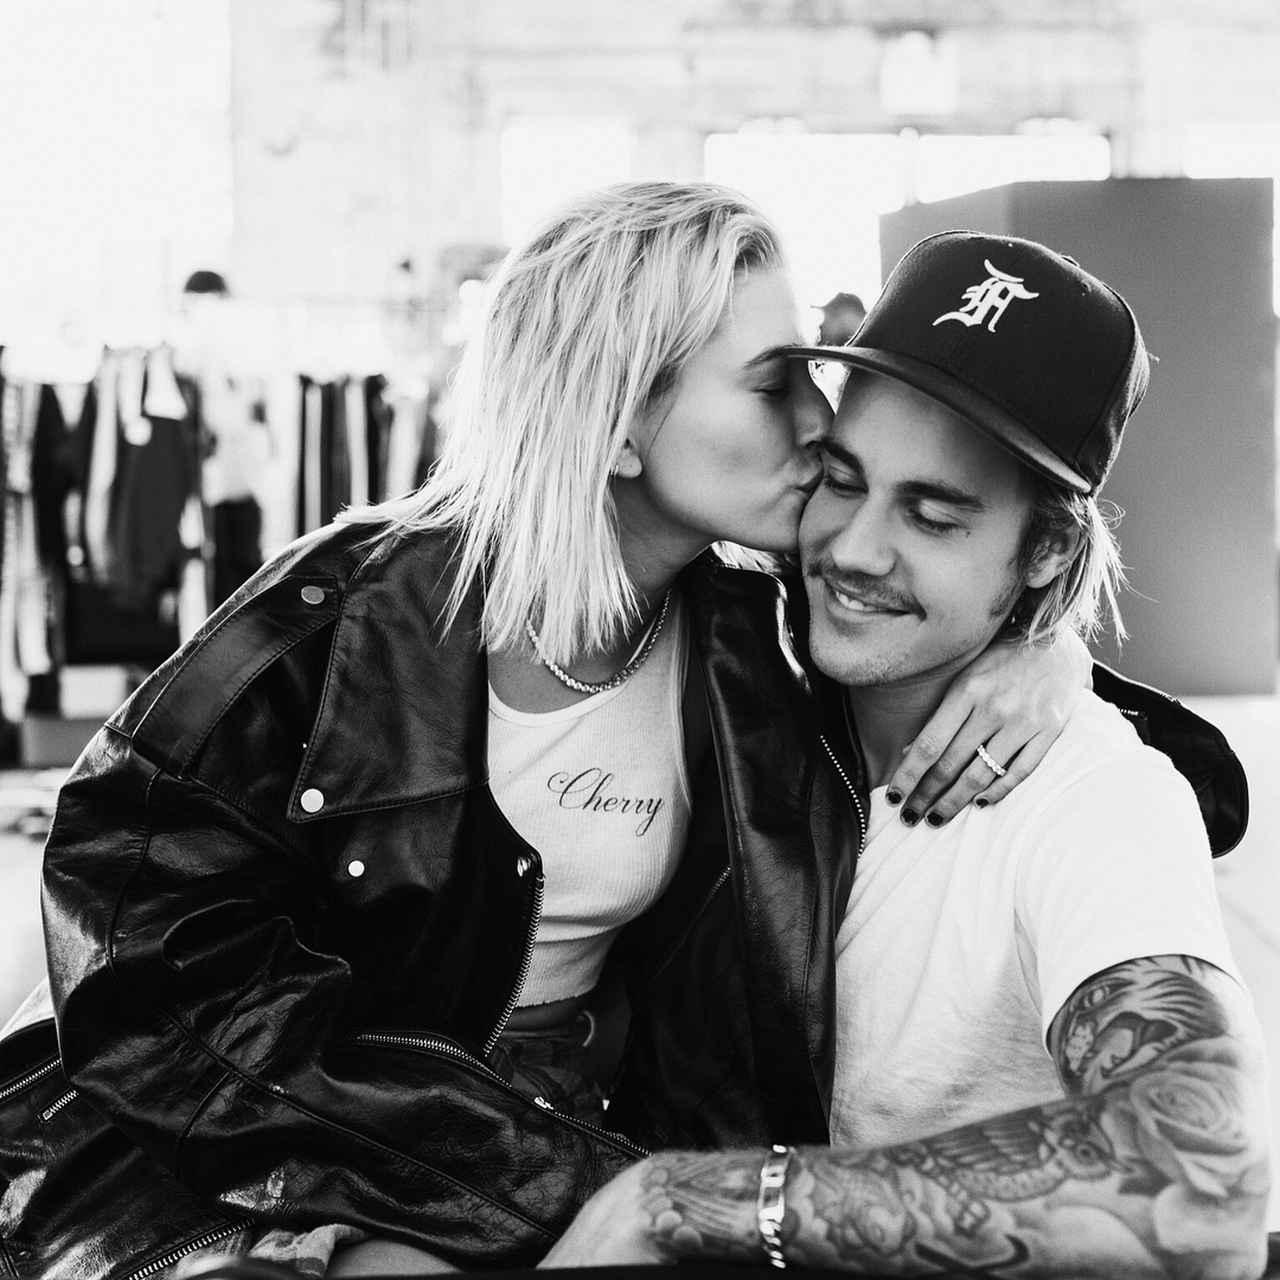 画像1: Justin BieberさんはInstagramを利用しています:「Was gonna wait a while to say anything but word travels fast, listen plain and simple Hailey I am soooo in love with everything about you!…」 www.instagram.com